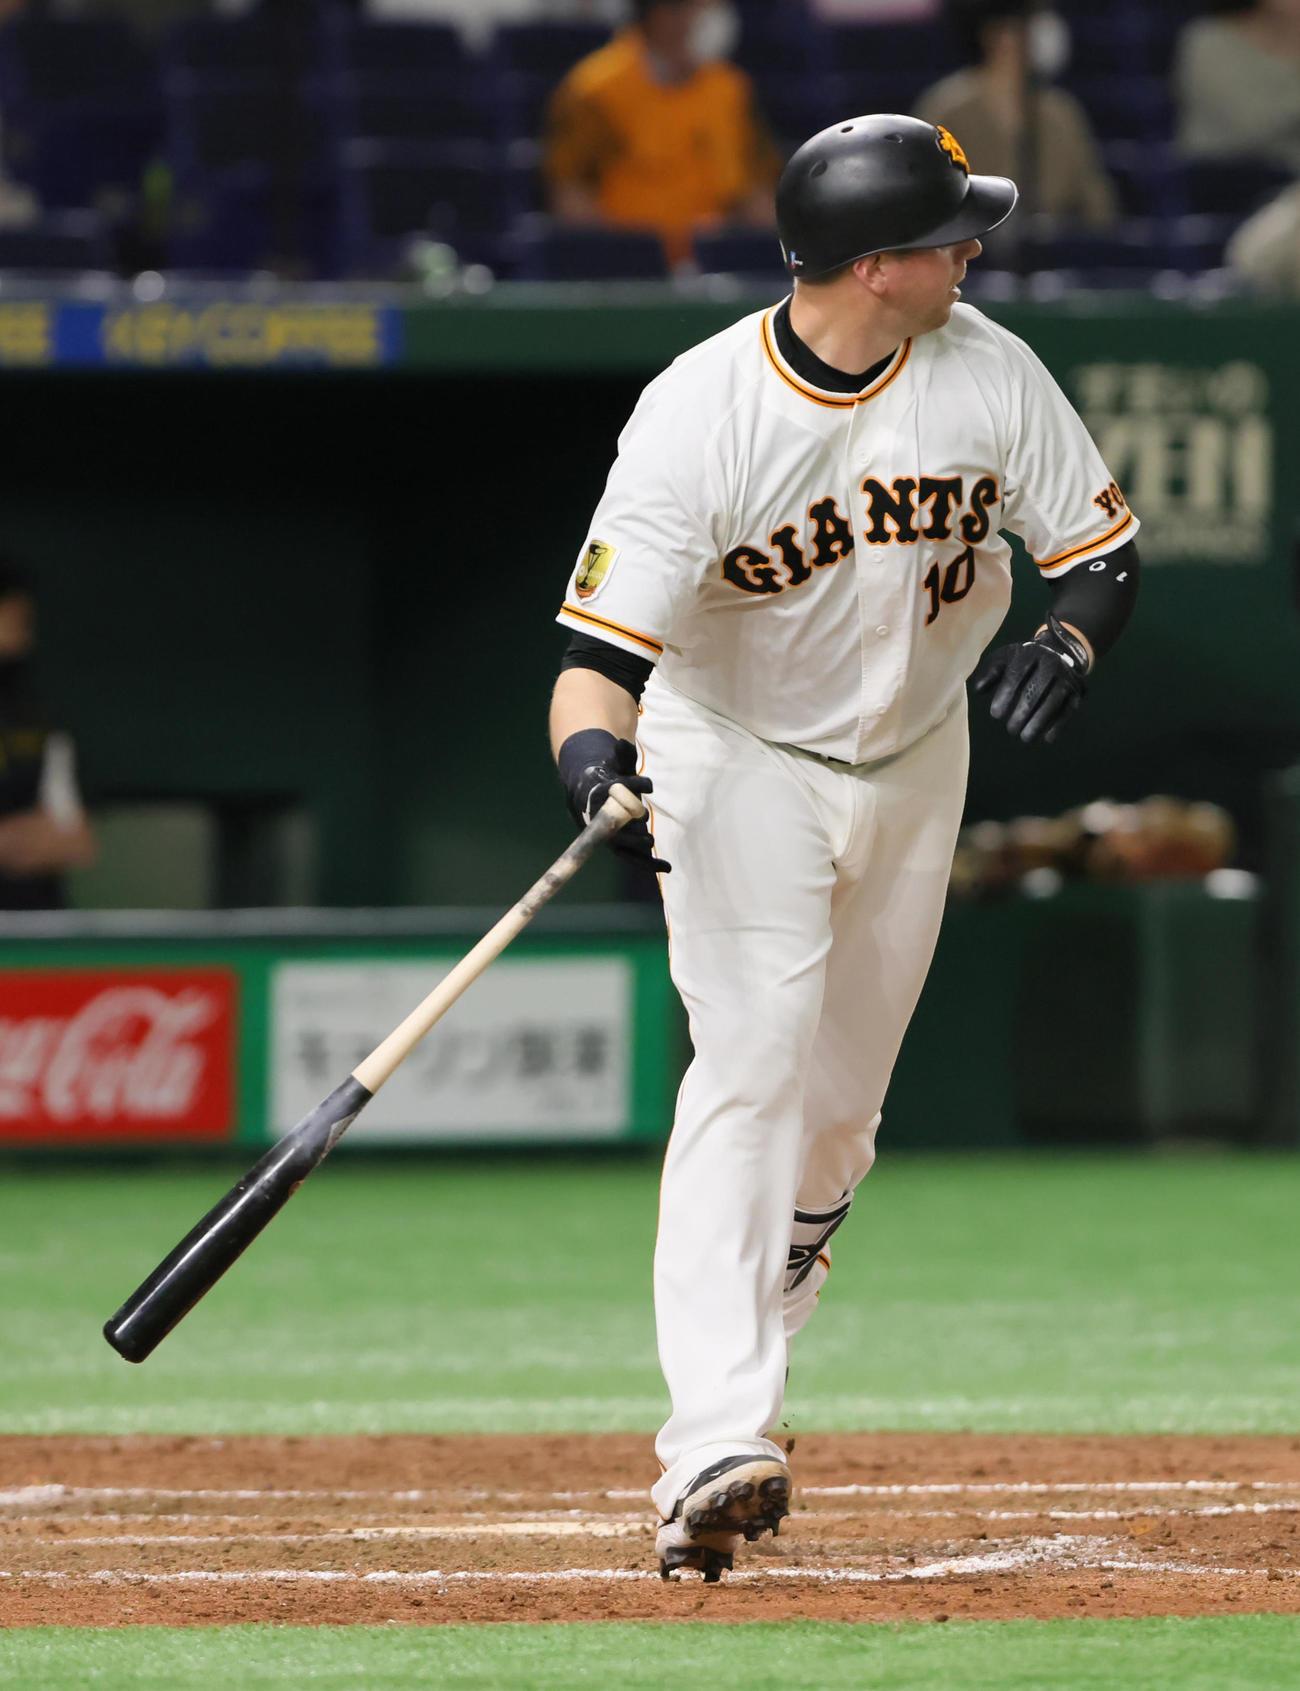 巨人対阪神 5回裏巨人2死一、三塁、スモーク(中央)は左越え3点本塁打を放つ(撮影・足立雅史)